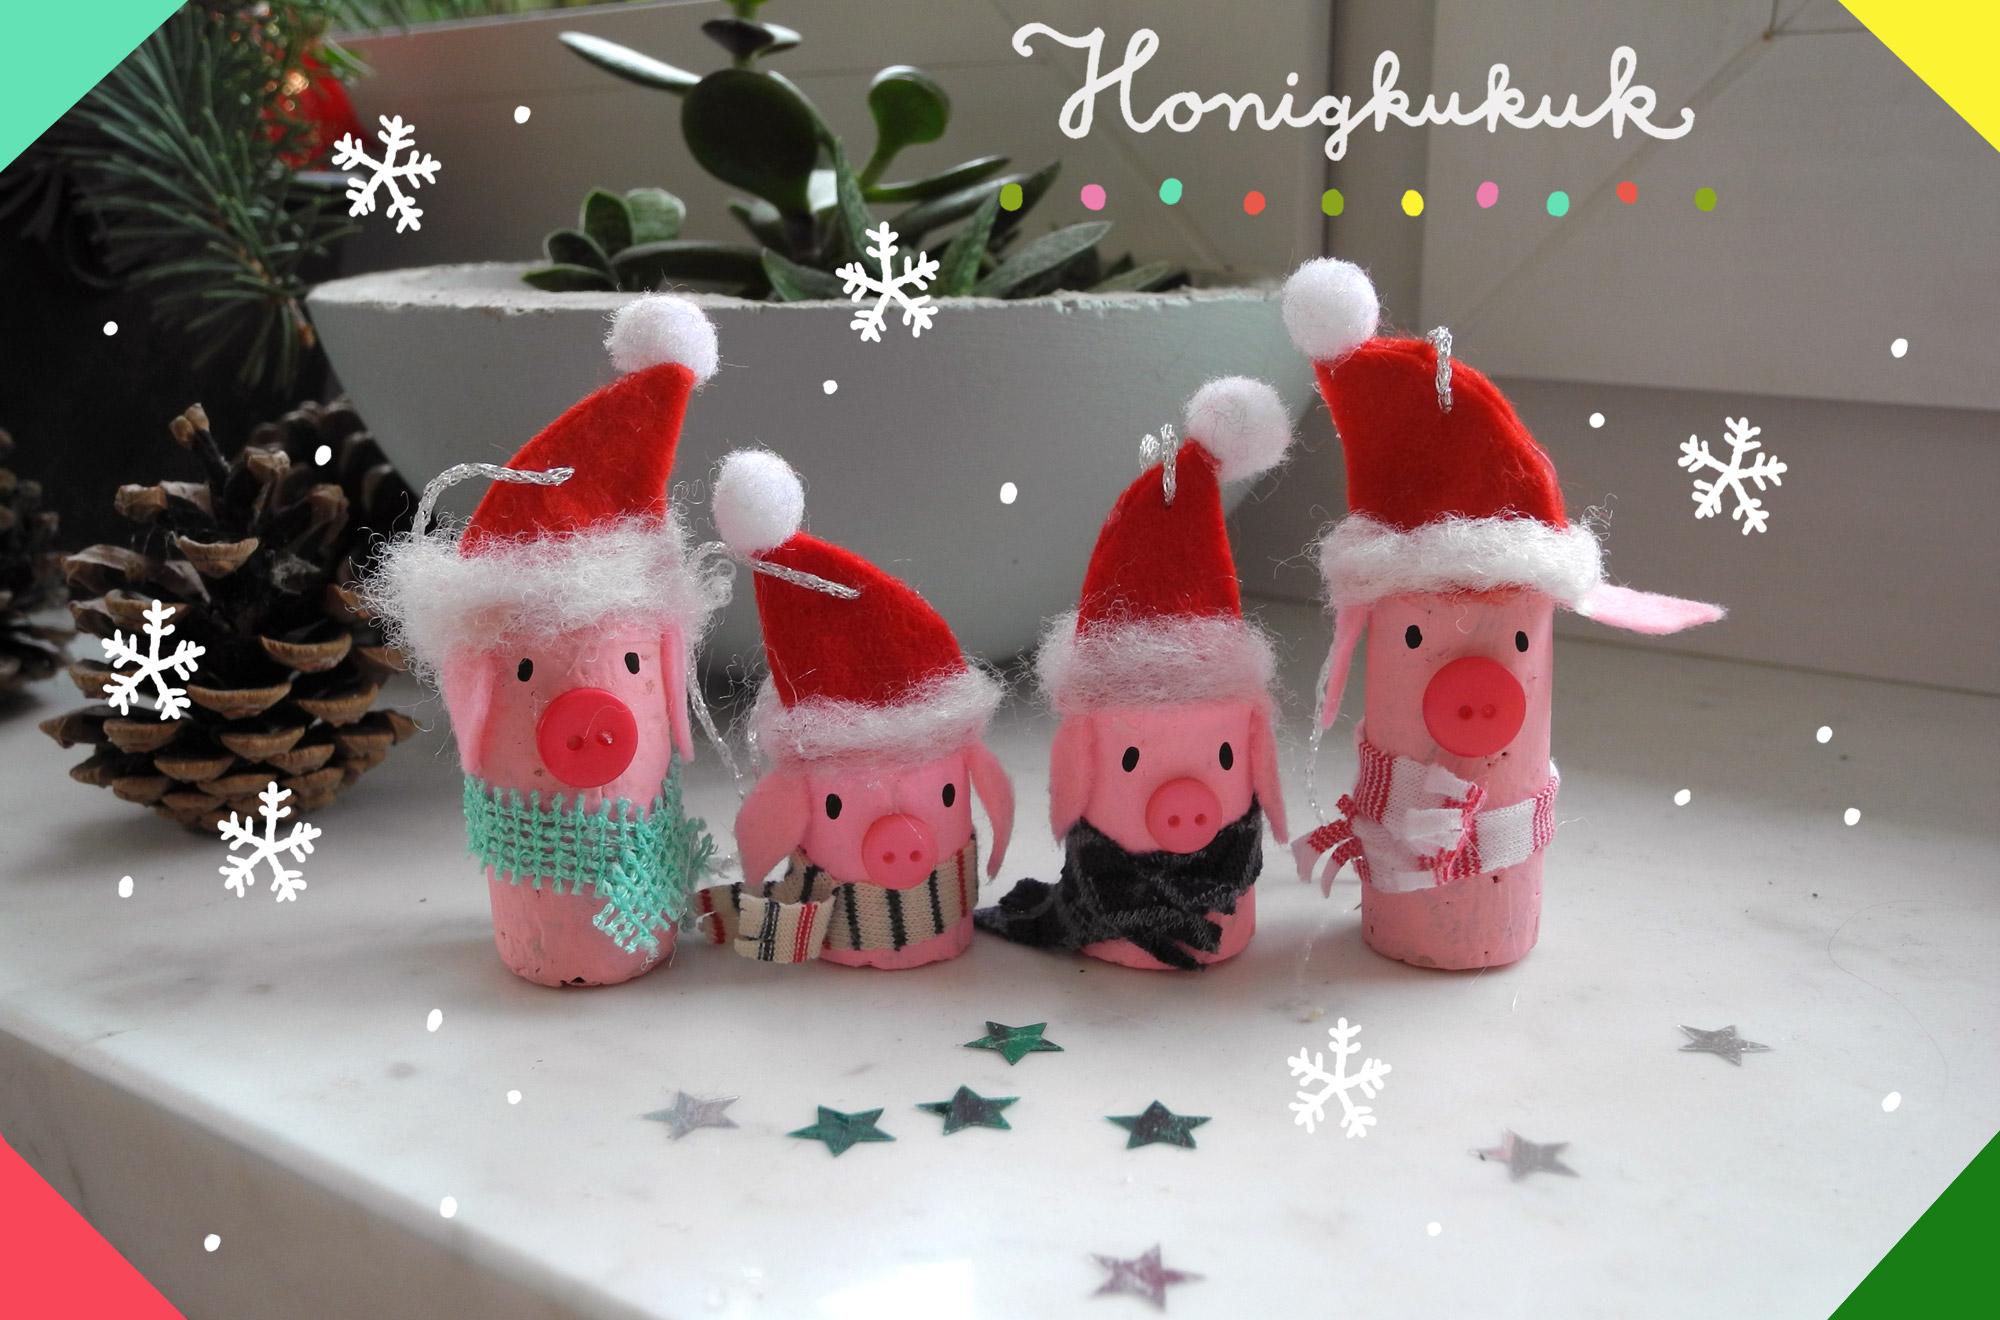 Weihnachtsbaumschmuck aus Korken, Schweinchen mit Weihnachtsmannmützen